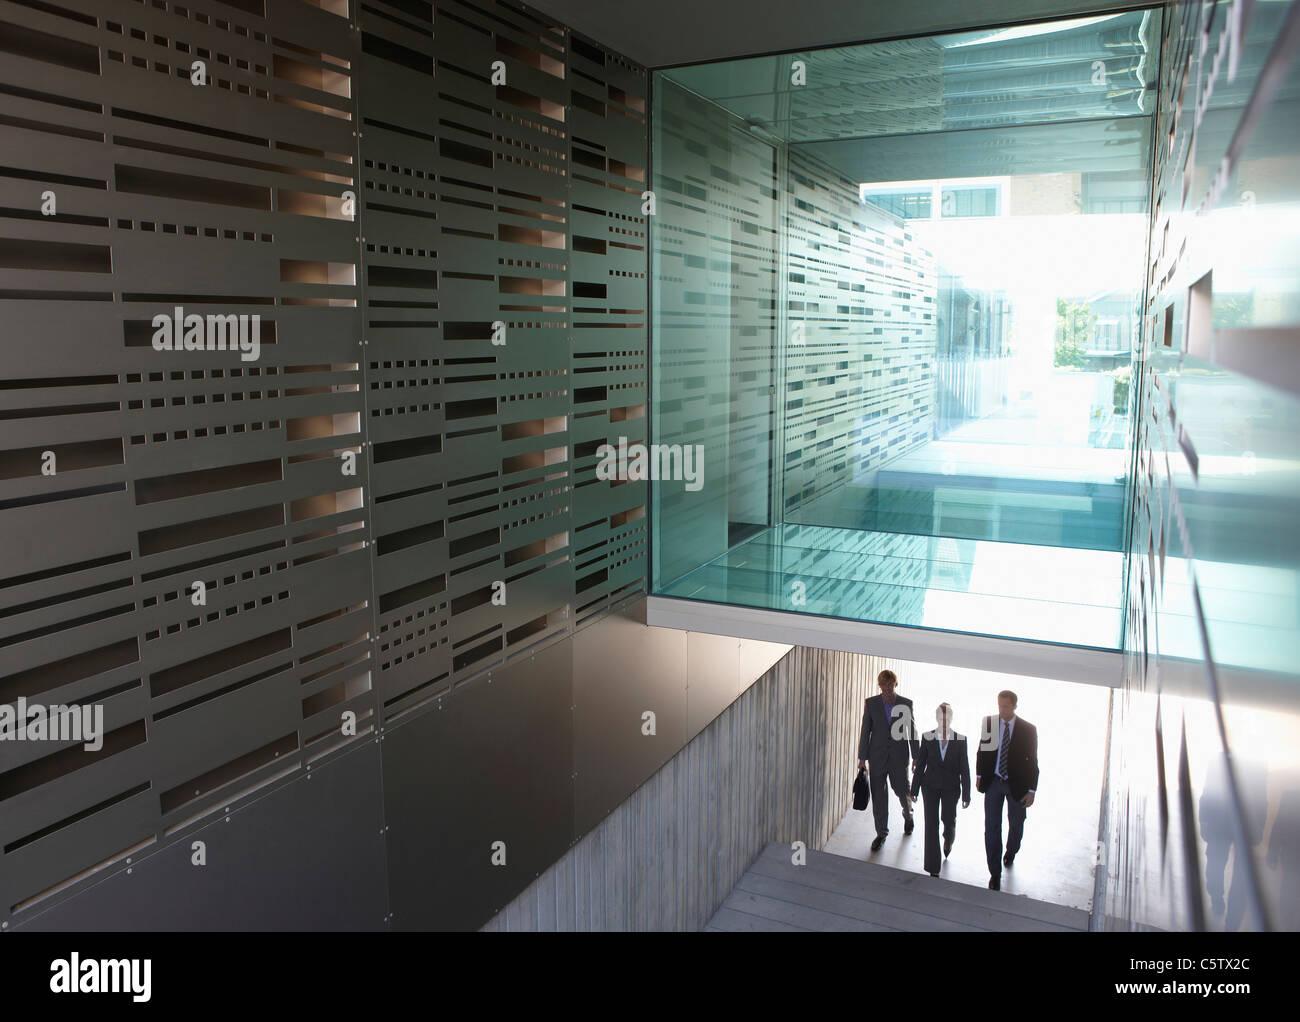 Alemania, Colonia, tres personas de negocios en escalera, vista elevada Imagen De Stock